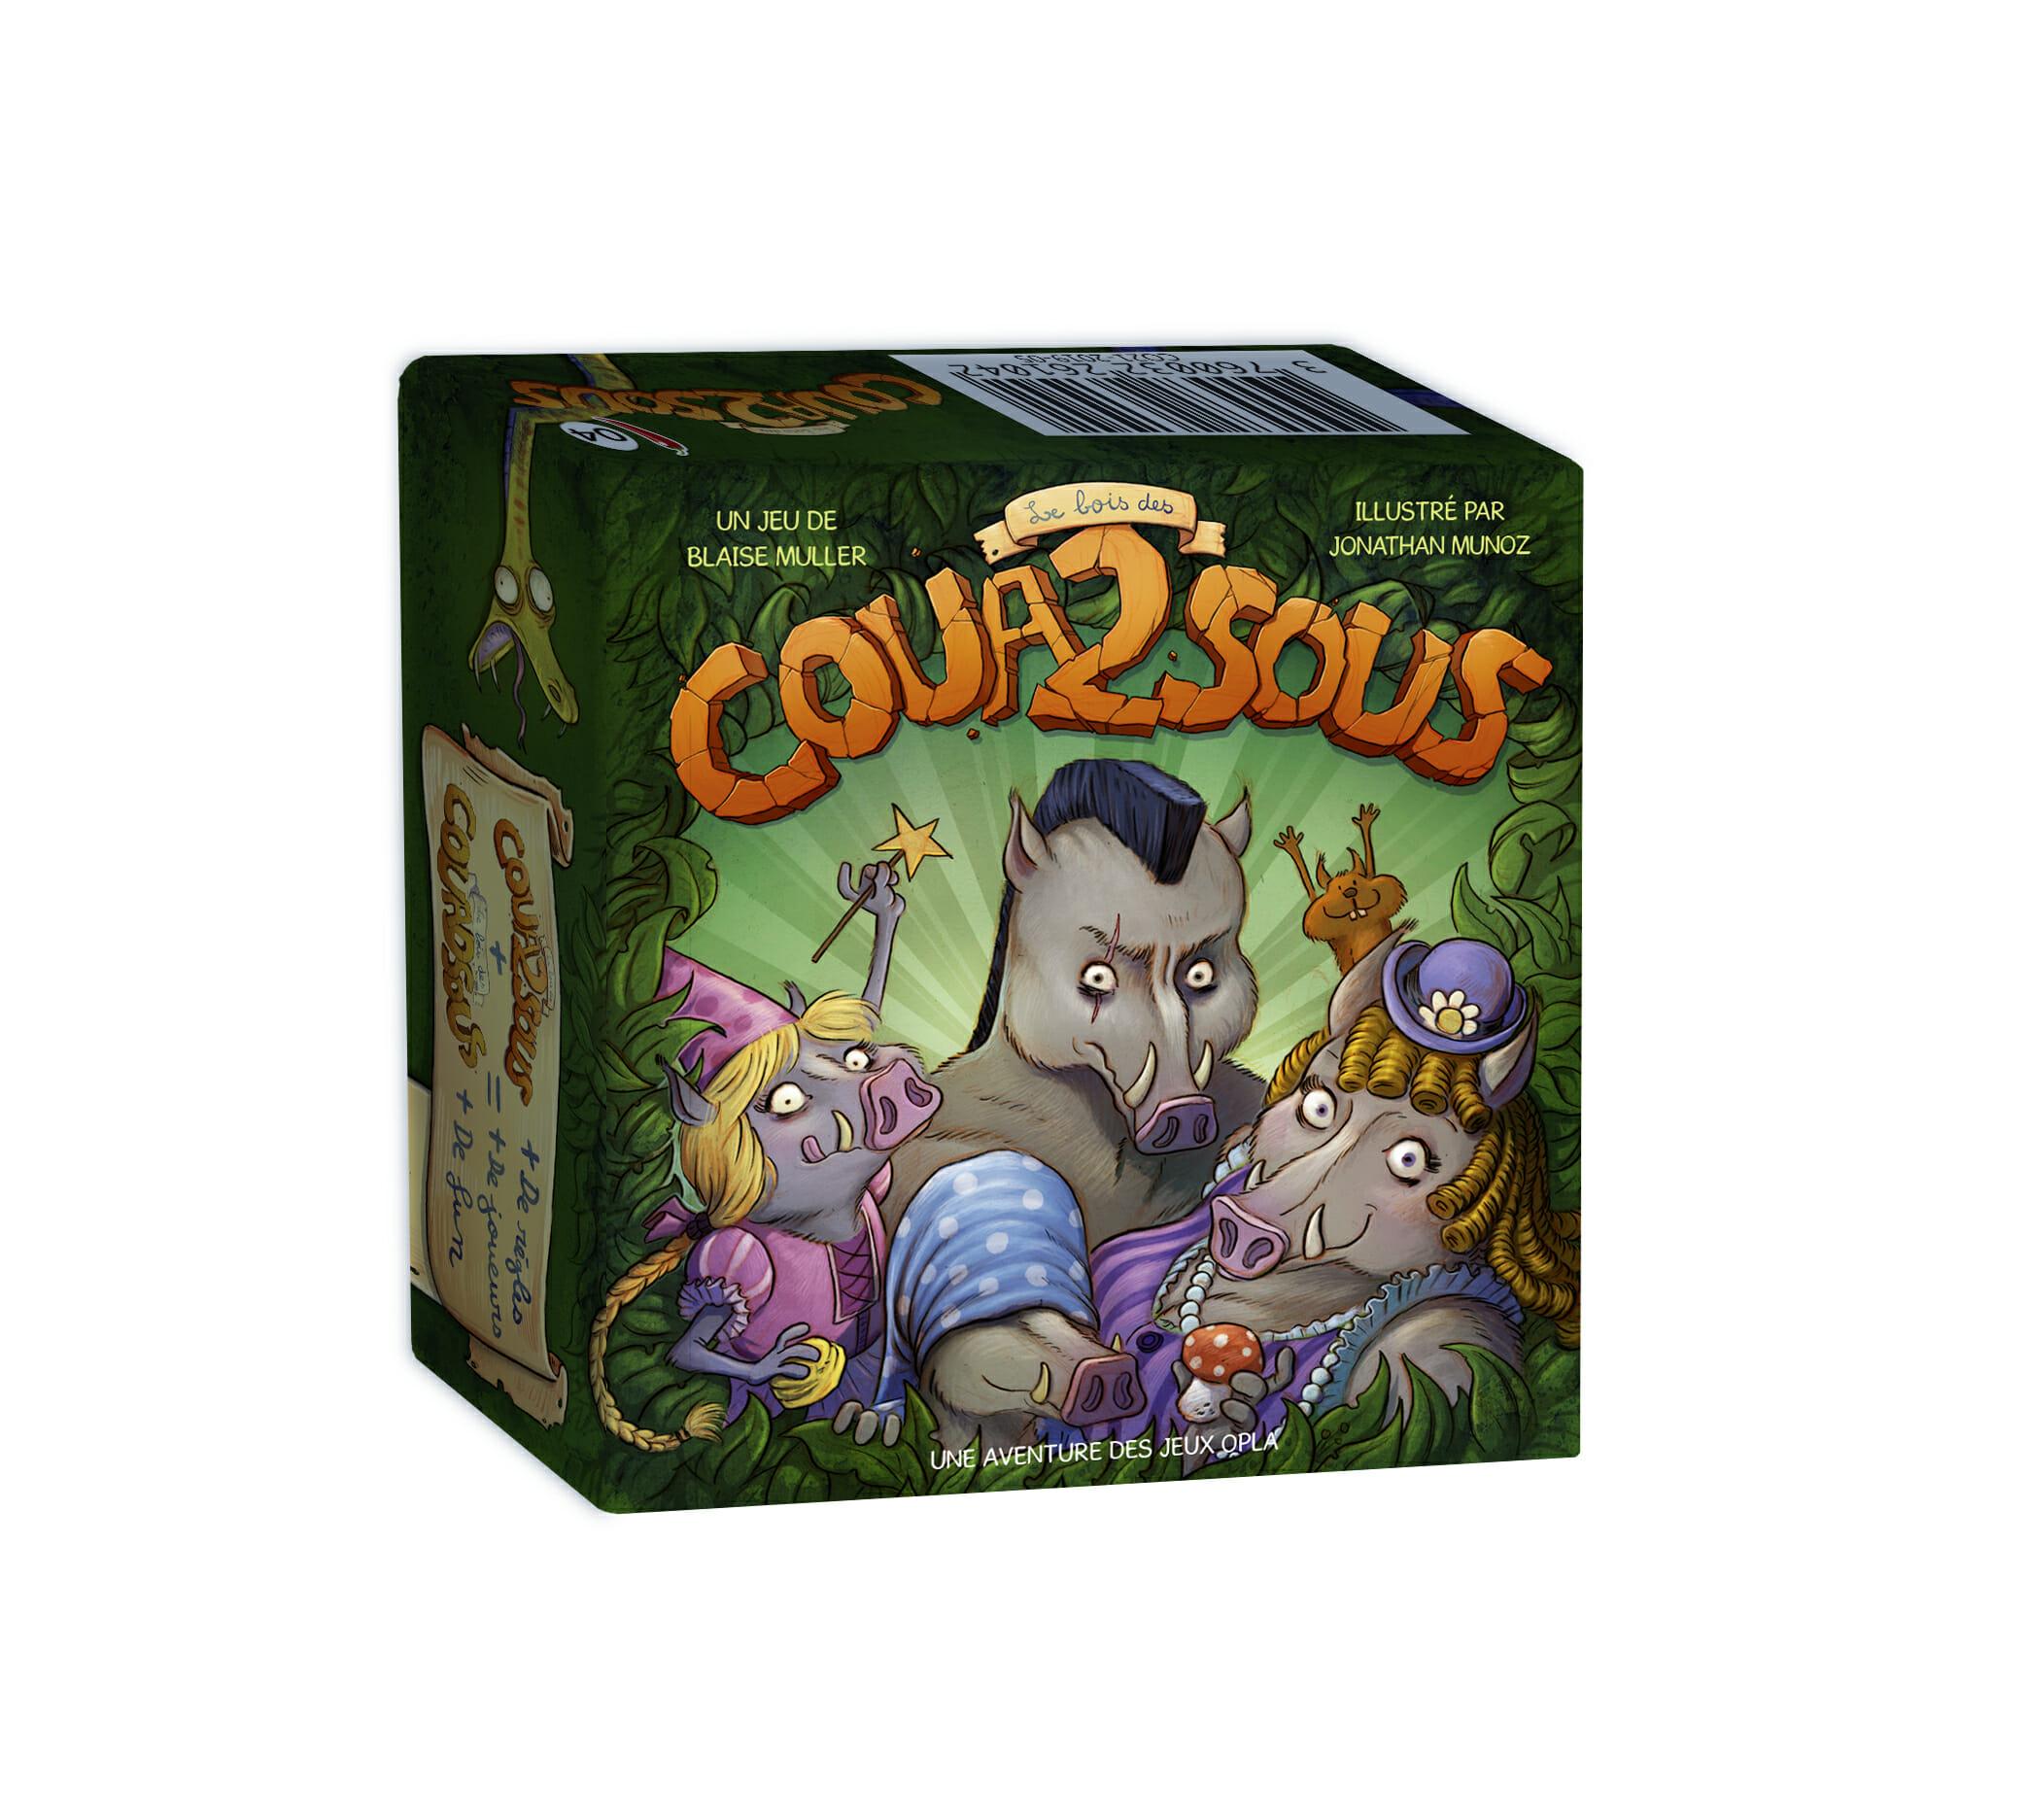 Coua2sous_boite-3d-1